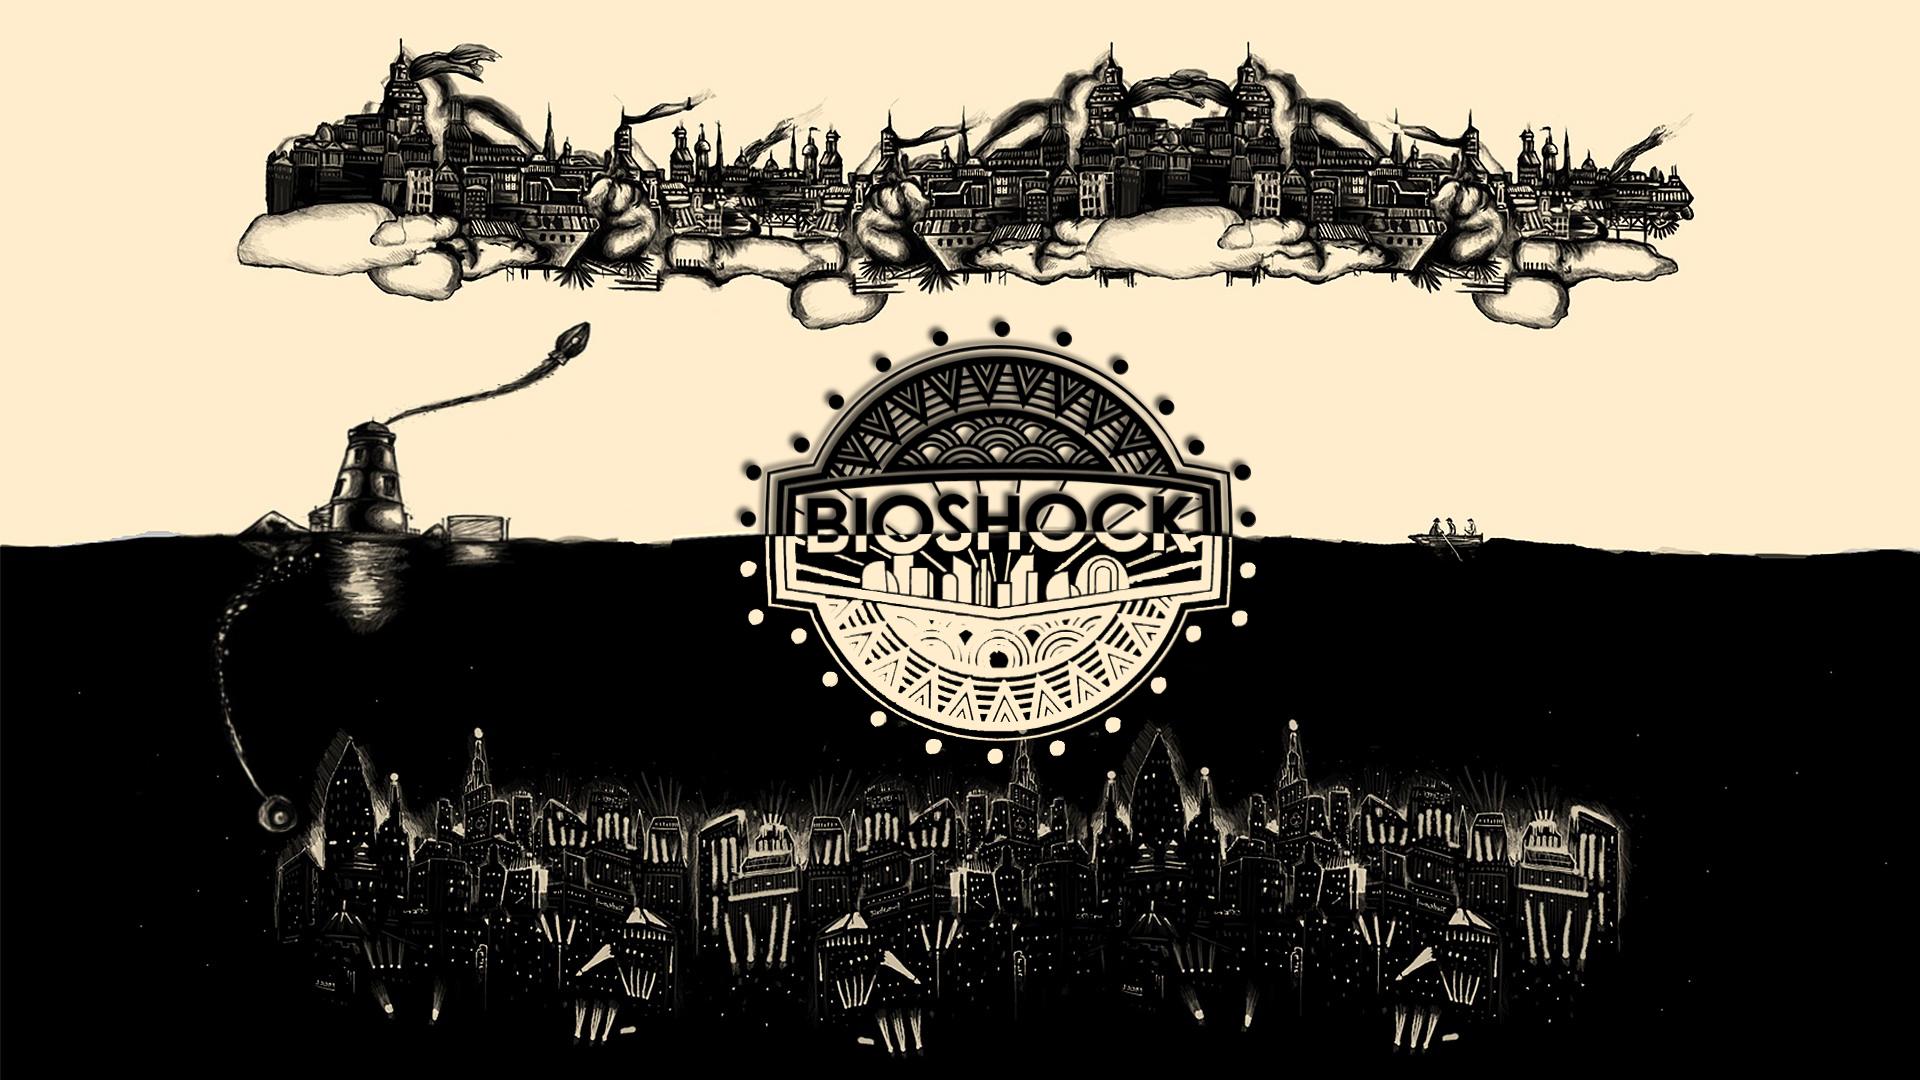 Inspirational Quotes Wallpaper For Iphone 4 Bioshock Wallpapers Hd Pixelstalk Net